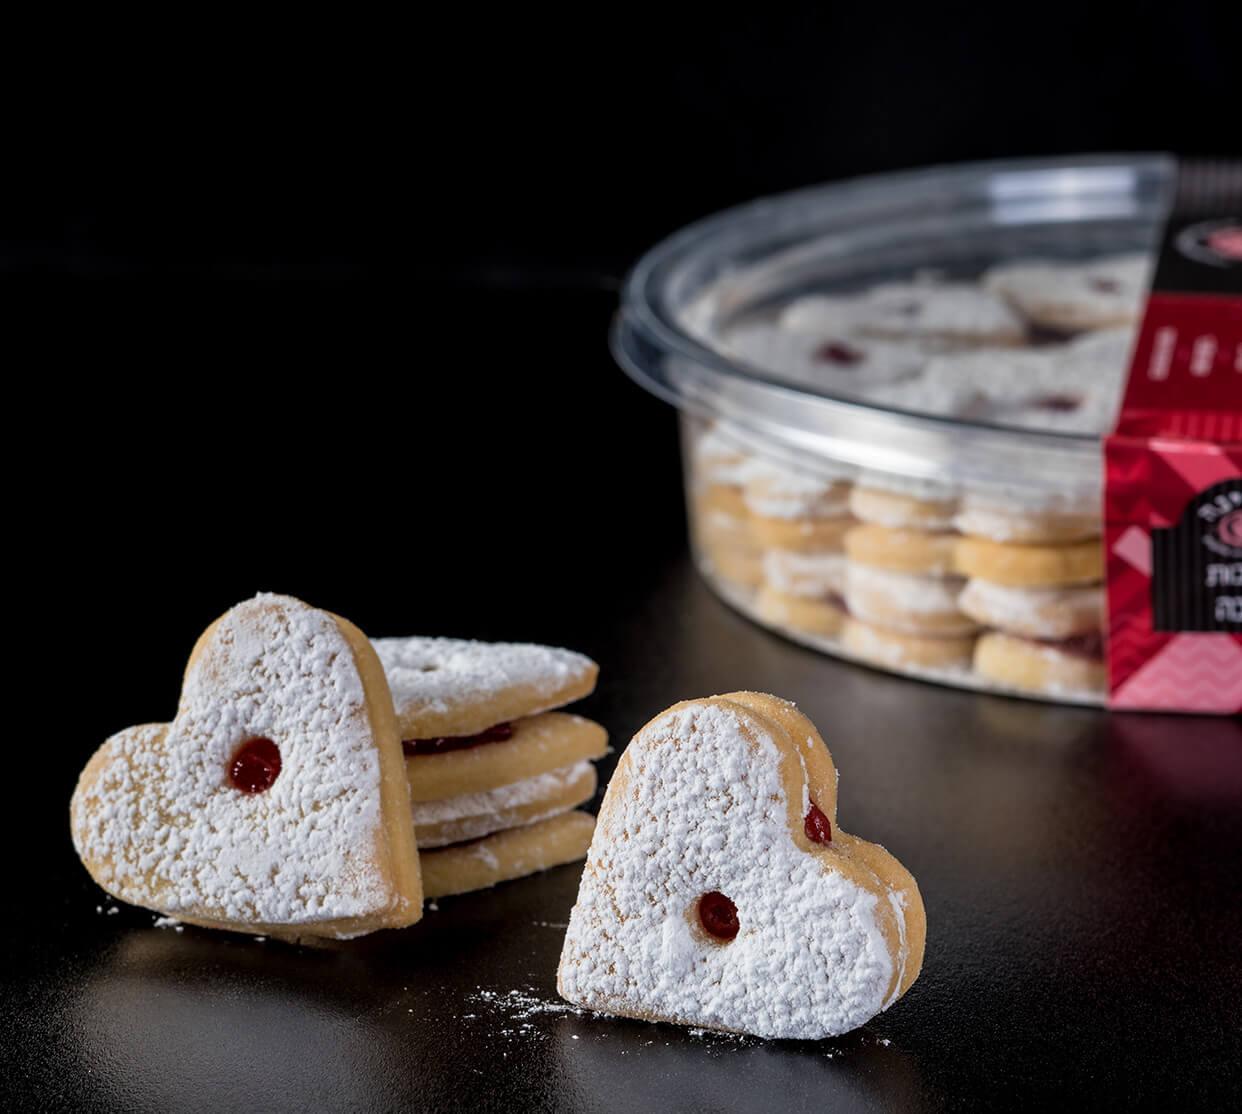 חמאה מבצק פריך – עוגיות פריכות עם ריבה